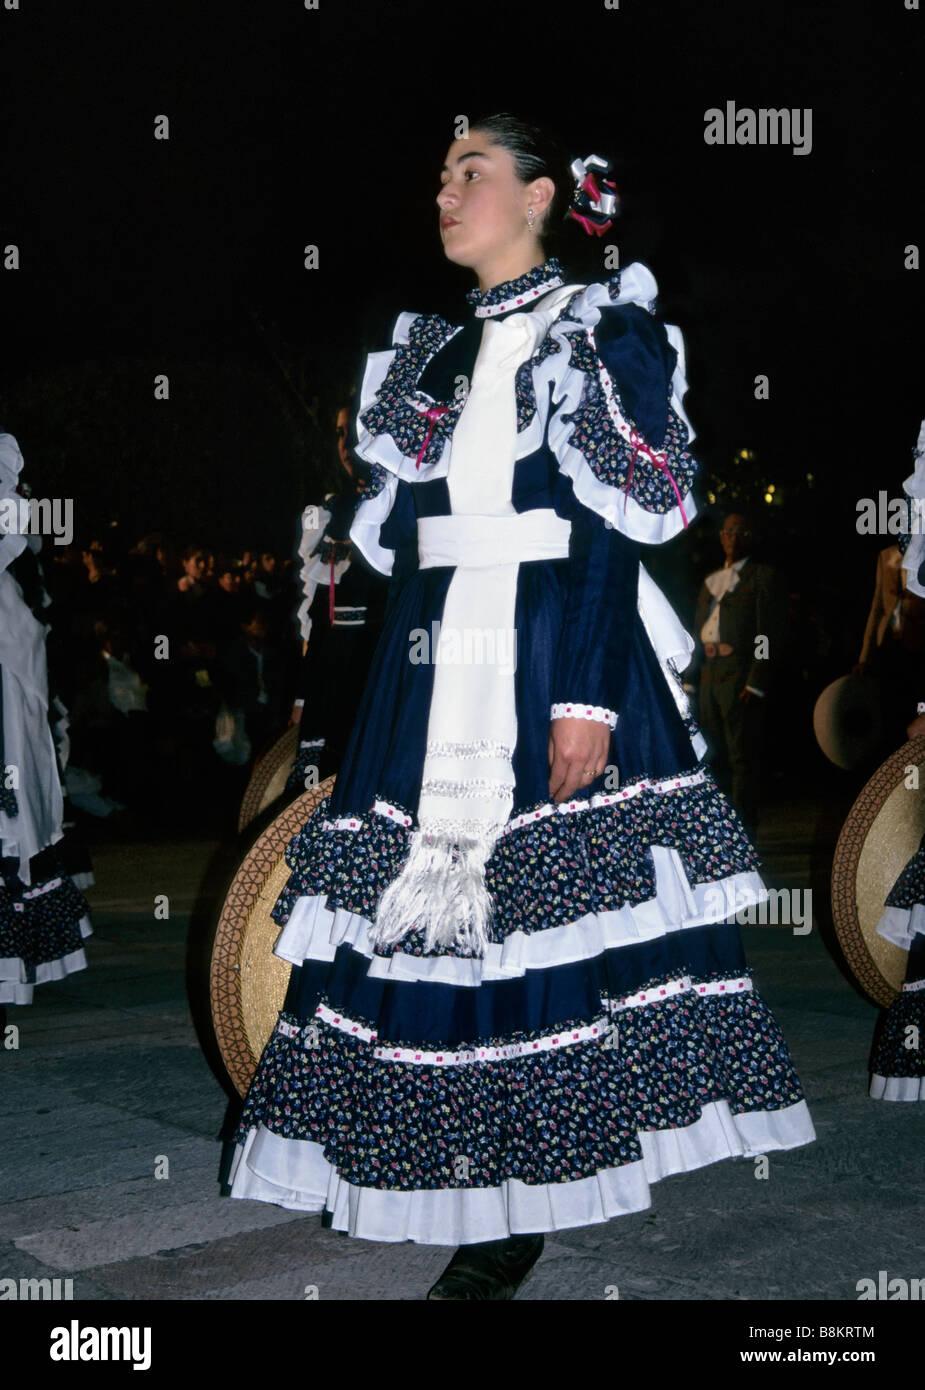 01e5bbcbf Good Friday procession at Plaza del Carmen during Semana Santa Holy Week at San  Luis Potosi